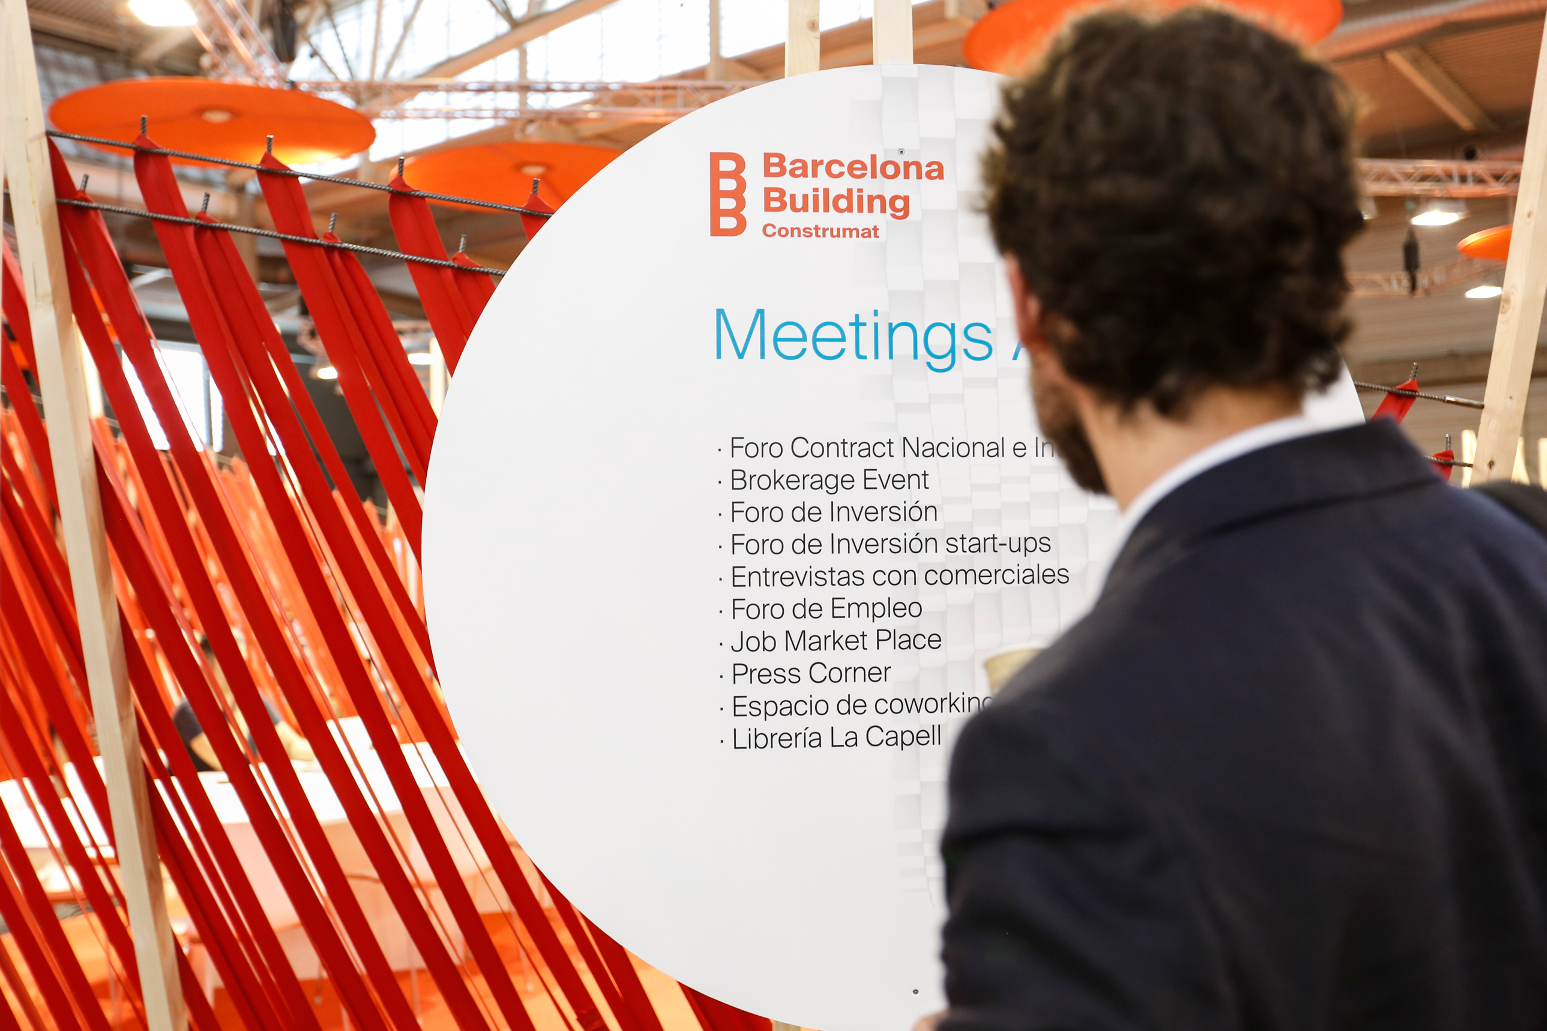 La construcción afronta nuevos retos en BBConstrumat 2019